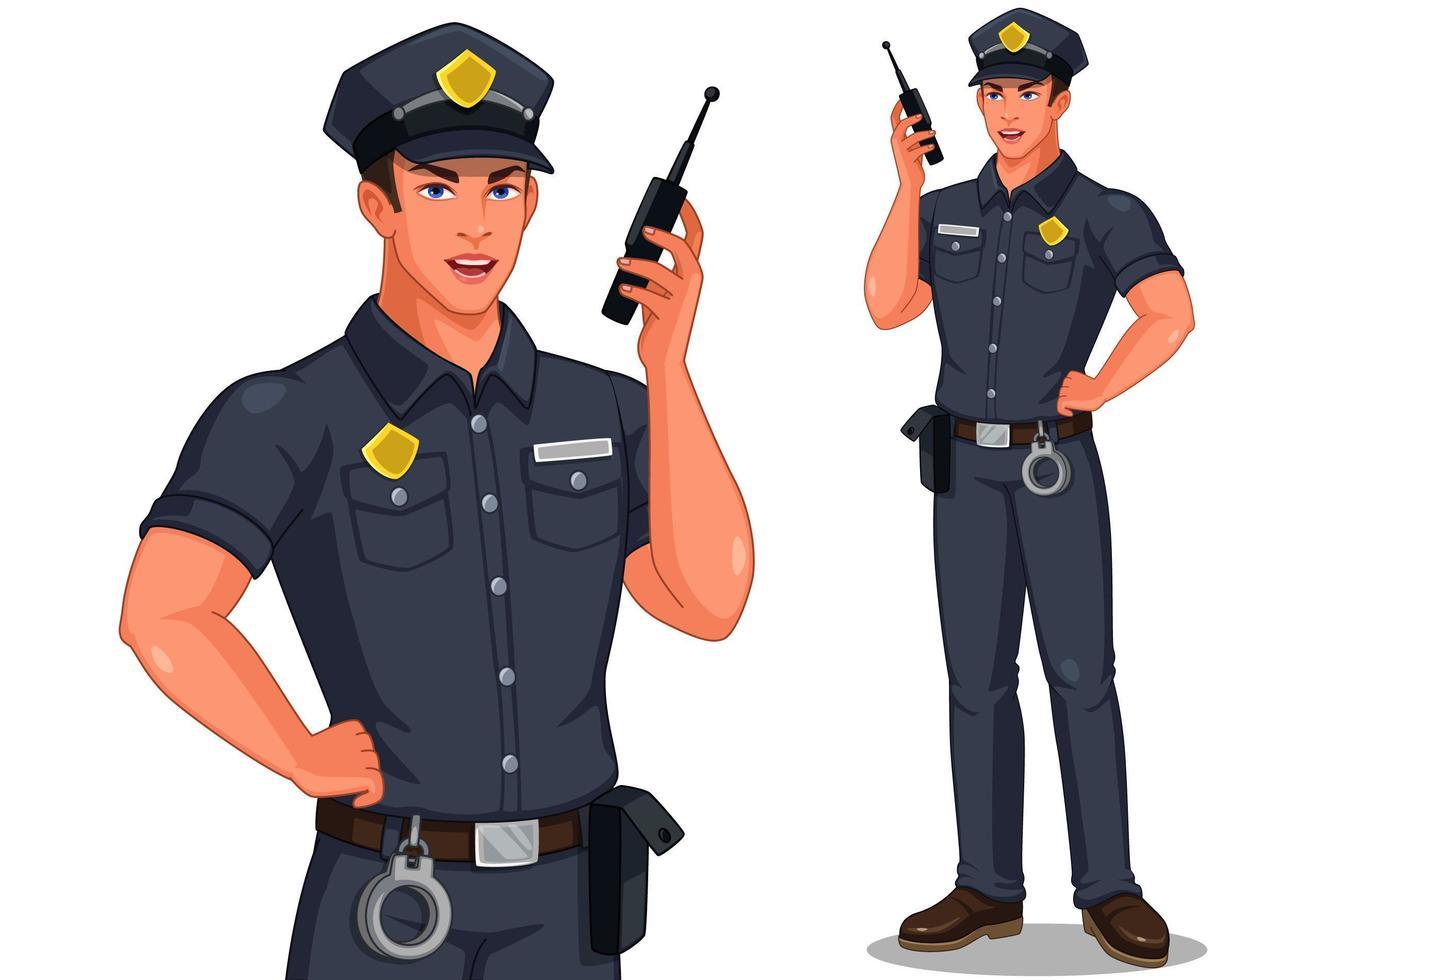 policial do sexo masculino com rádio walkie-talkie vetor